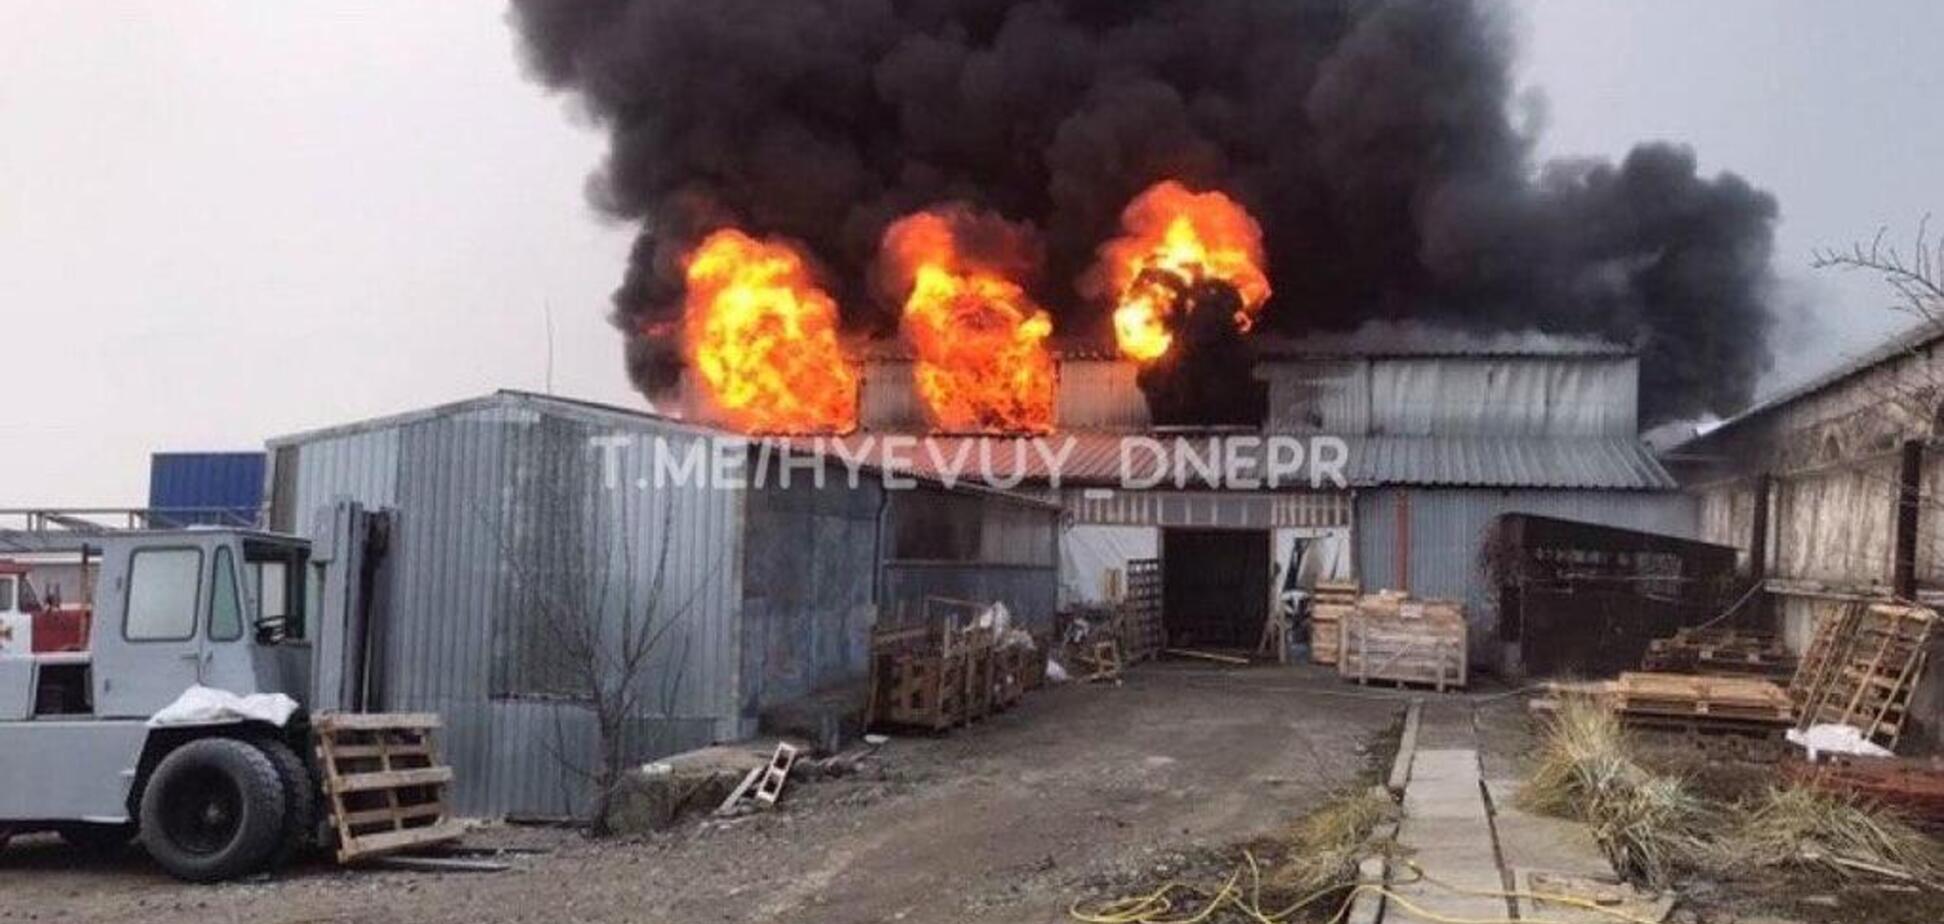 Под Днепром полсотни спасателей тушили пожар на складе автозапчастей. Видео